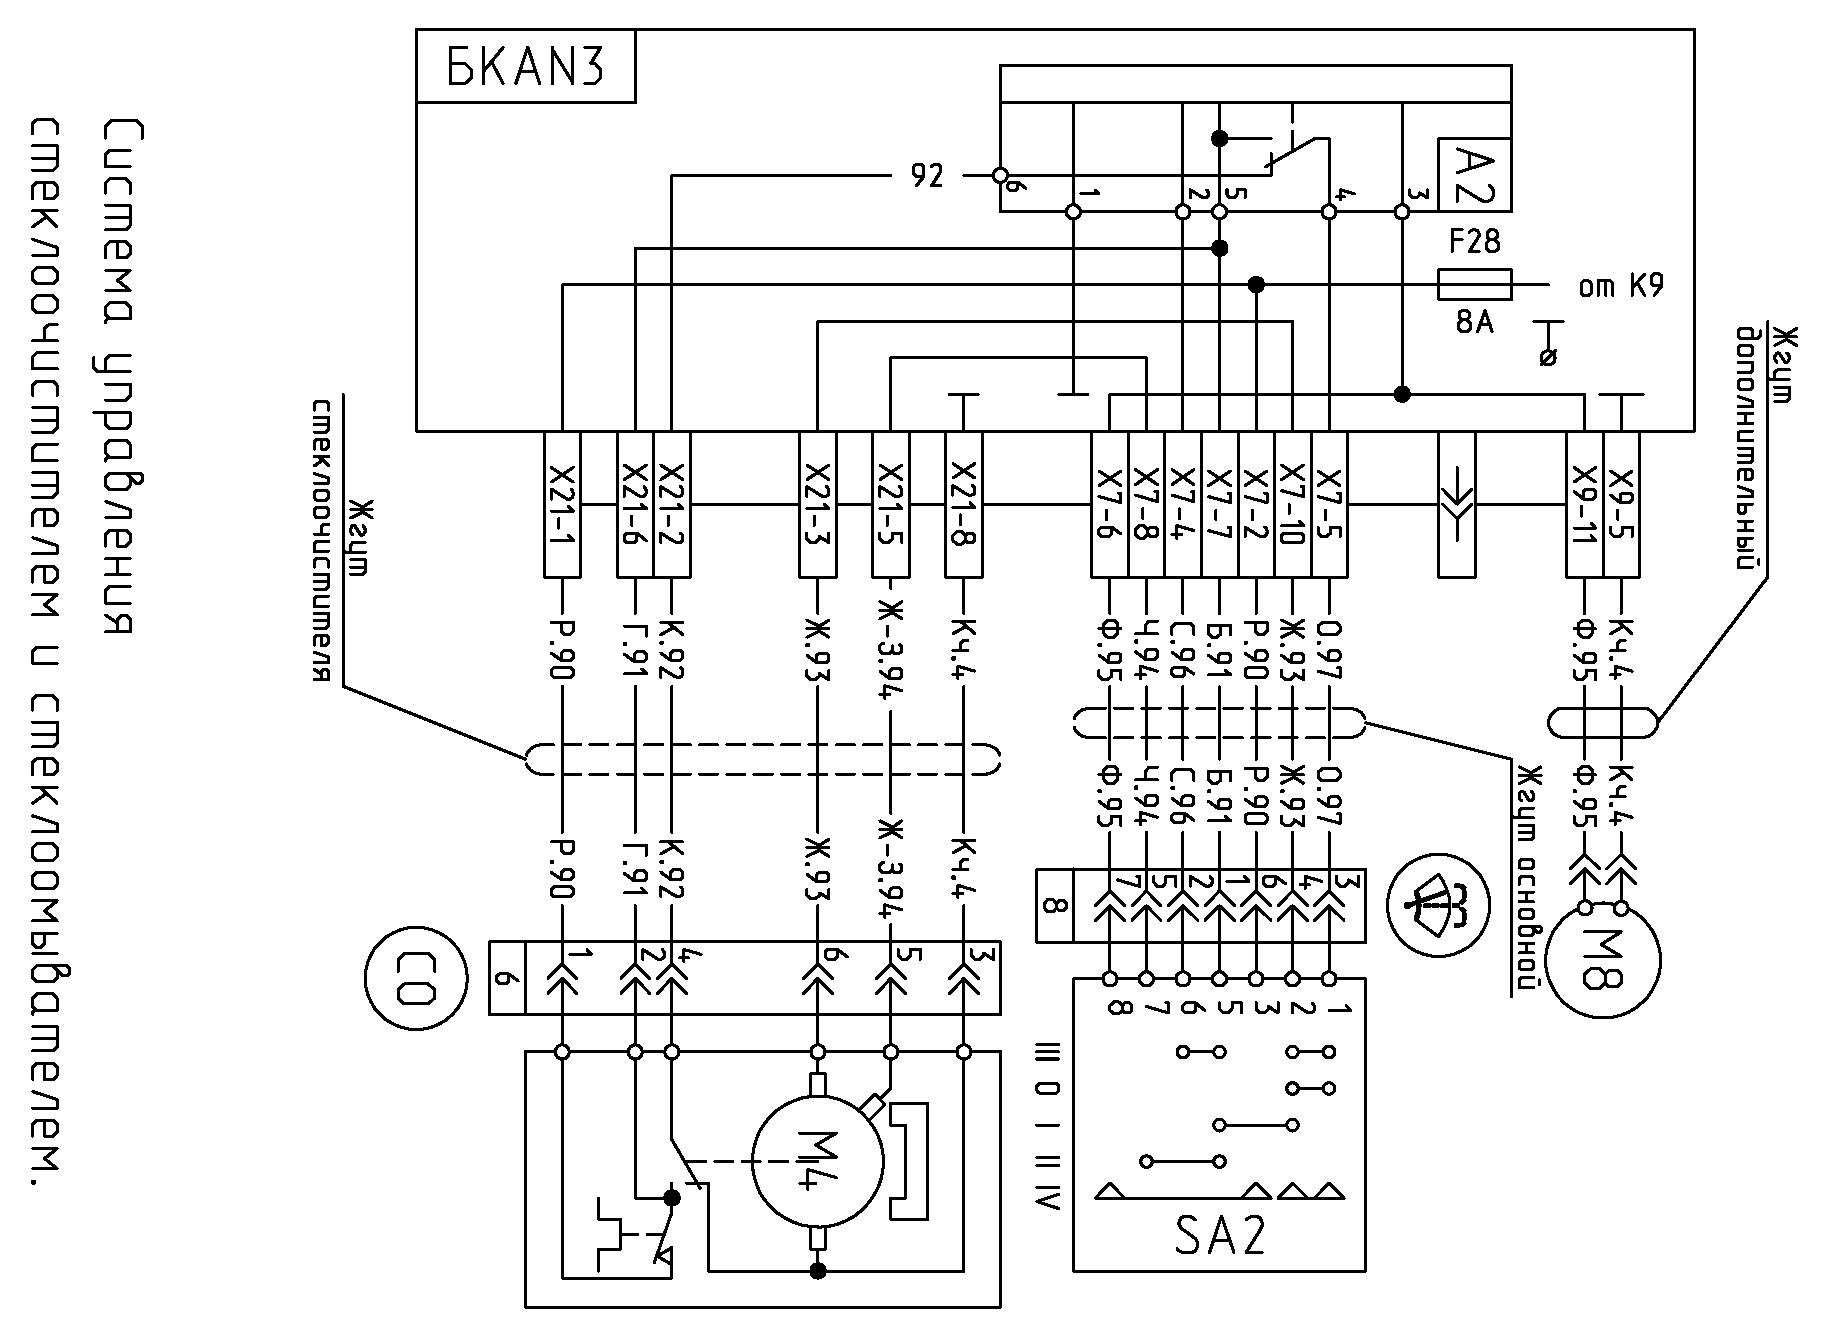 Схема подключения печки на мазе